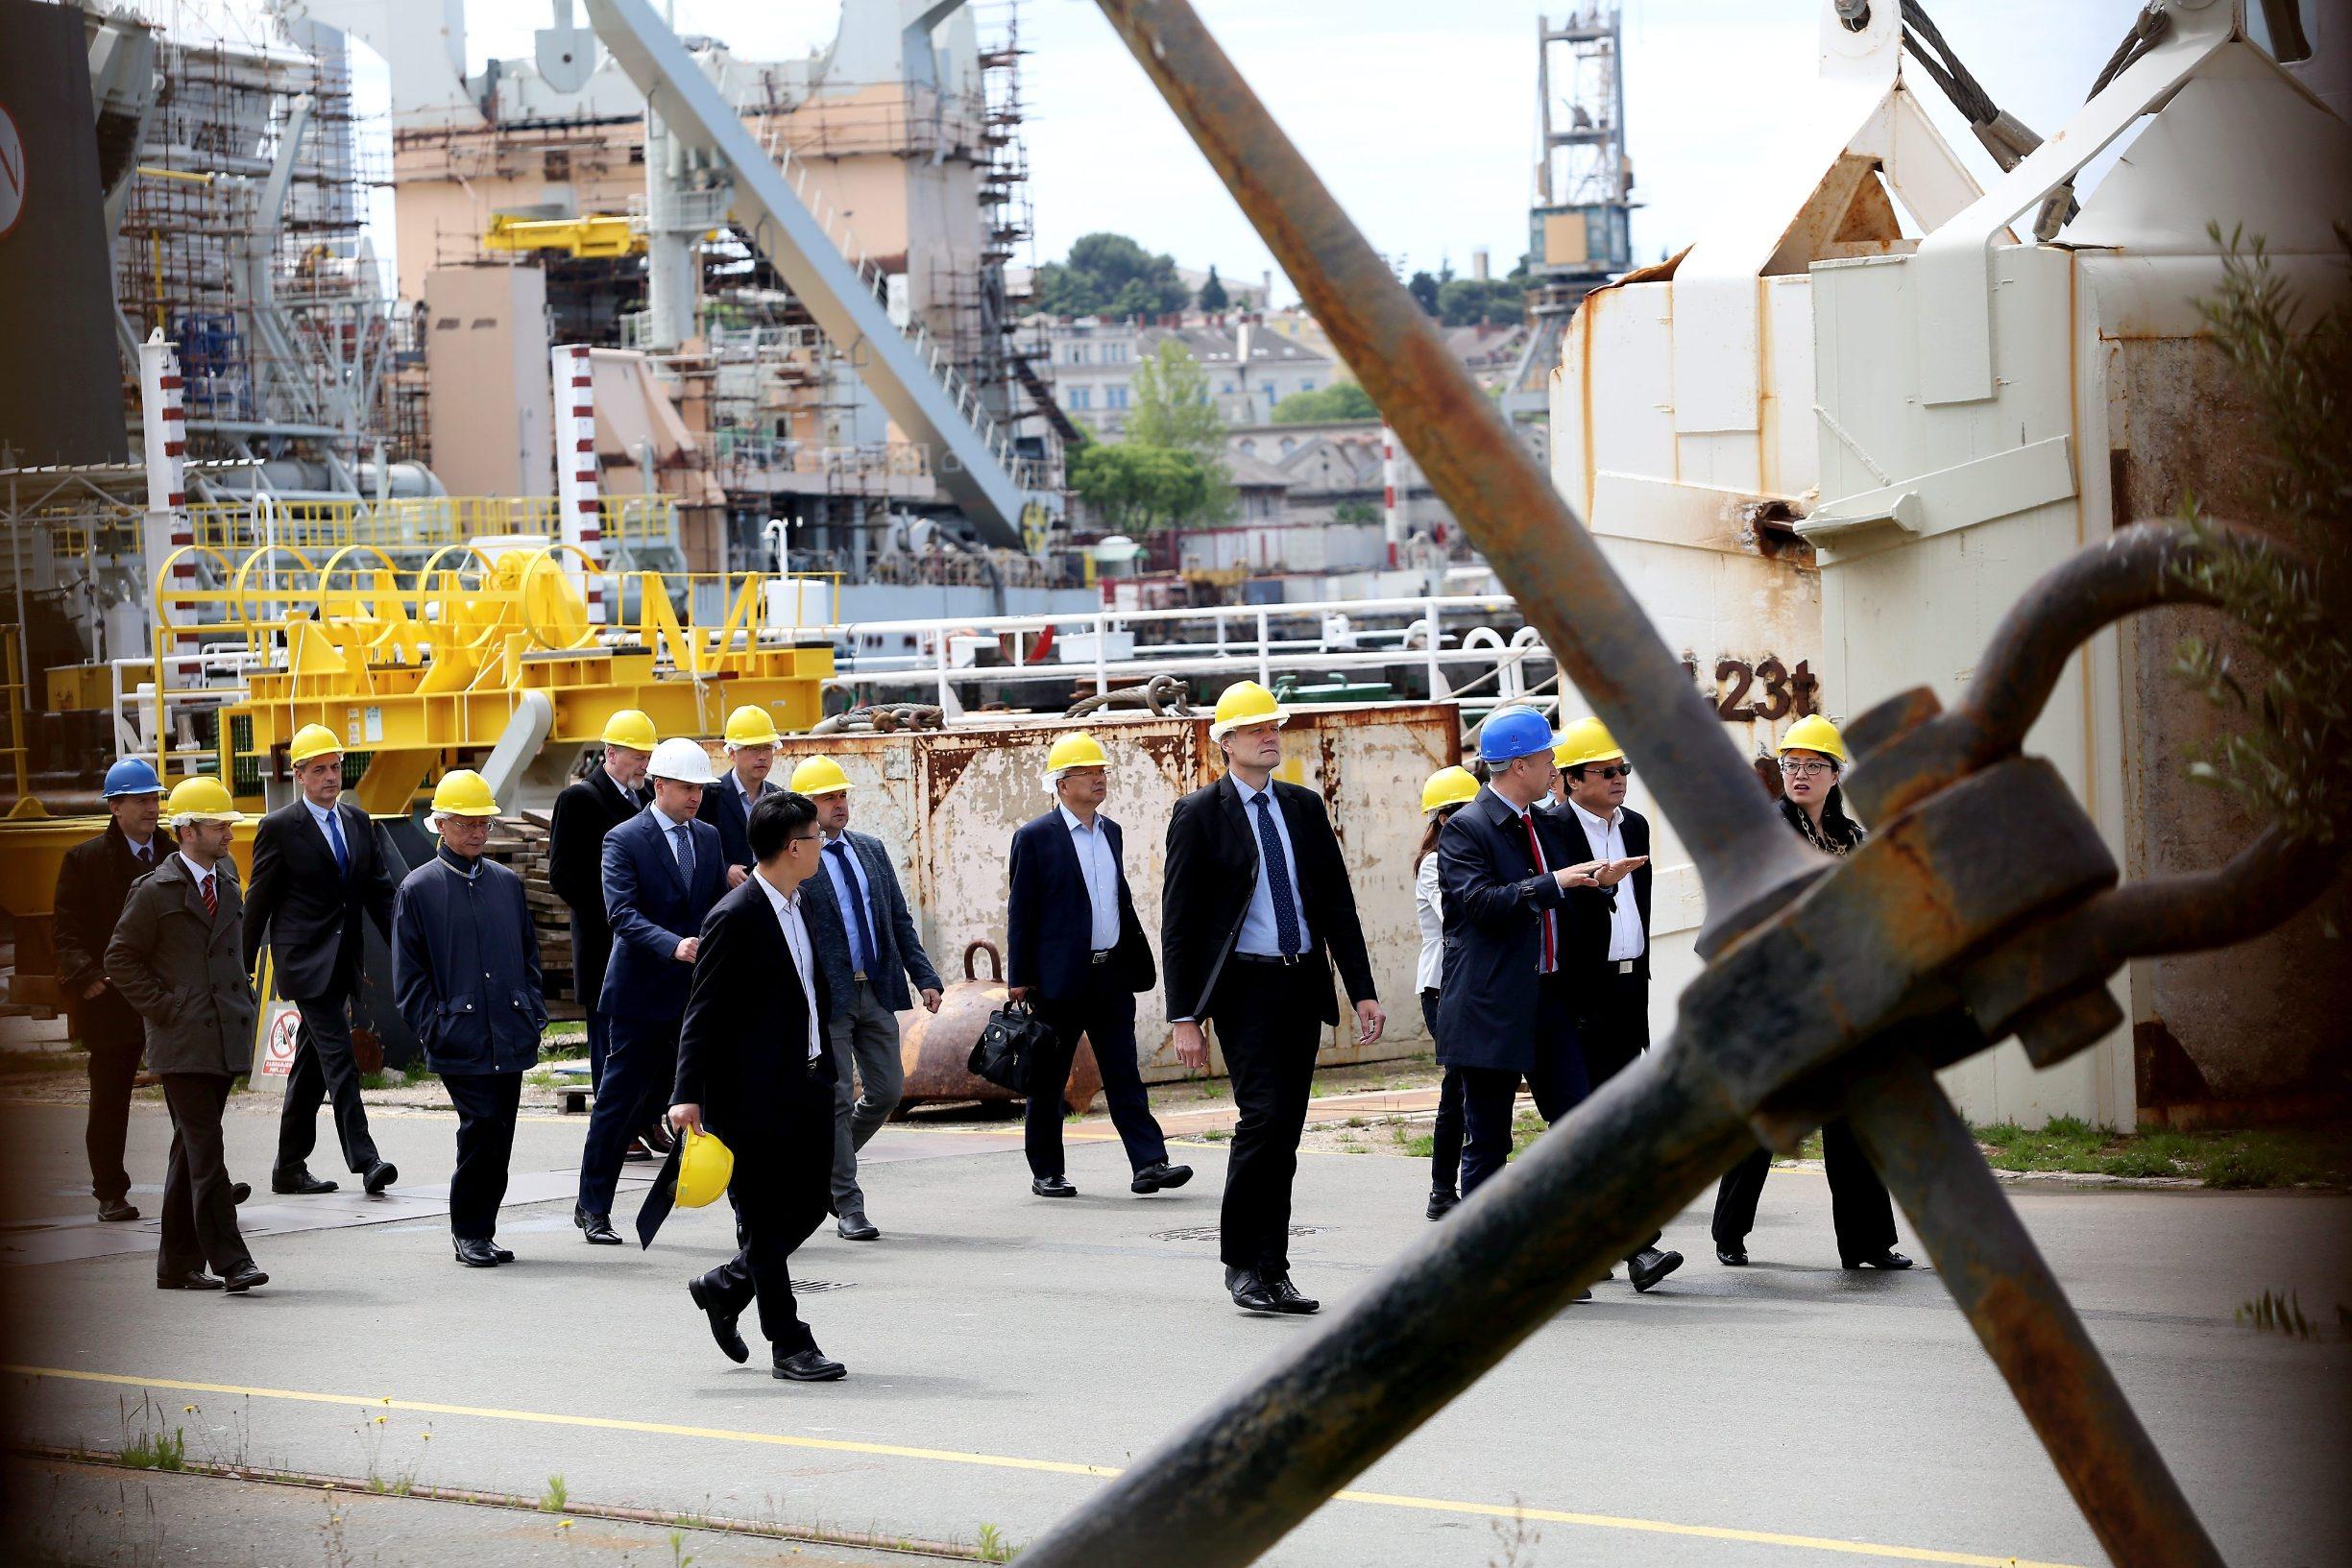 Potencijalni kineski ulagači iz tvrtke China Shipbuilding Industry Corporation (CSIC) u obilasku Uljanika